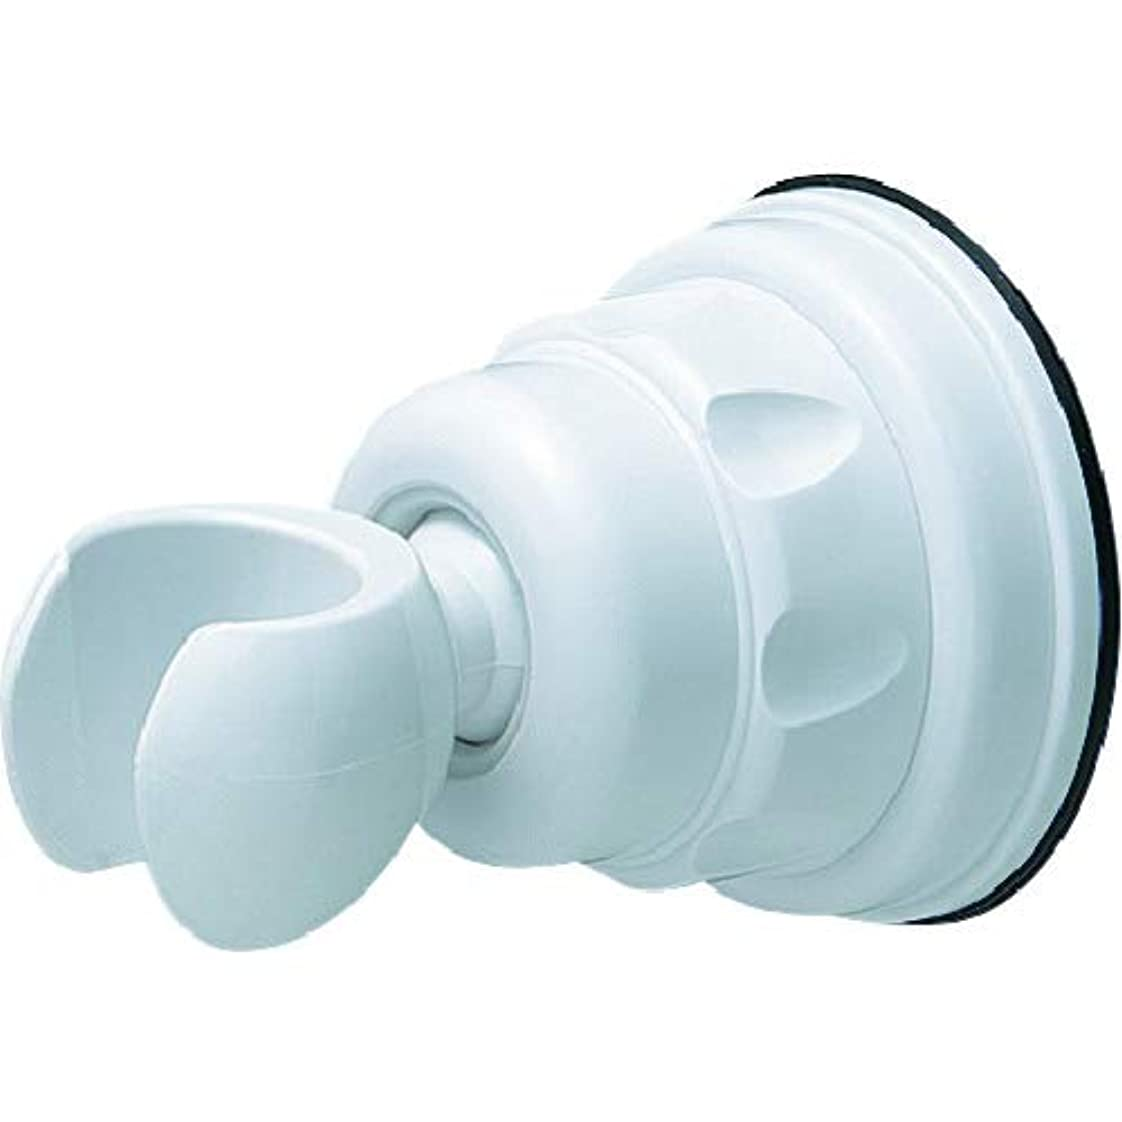 揃えるうめき声趣味SANEI 吸盤式シャワーフック PS30‐37‐W